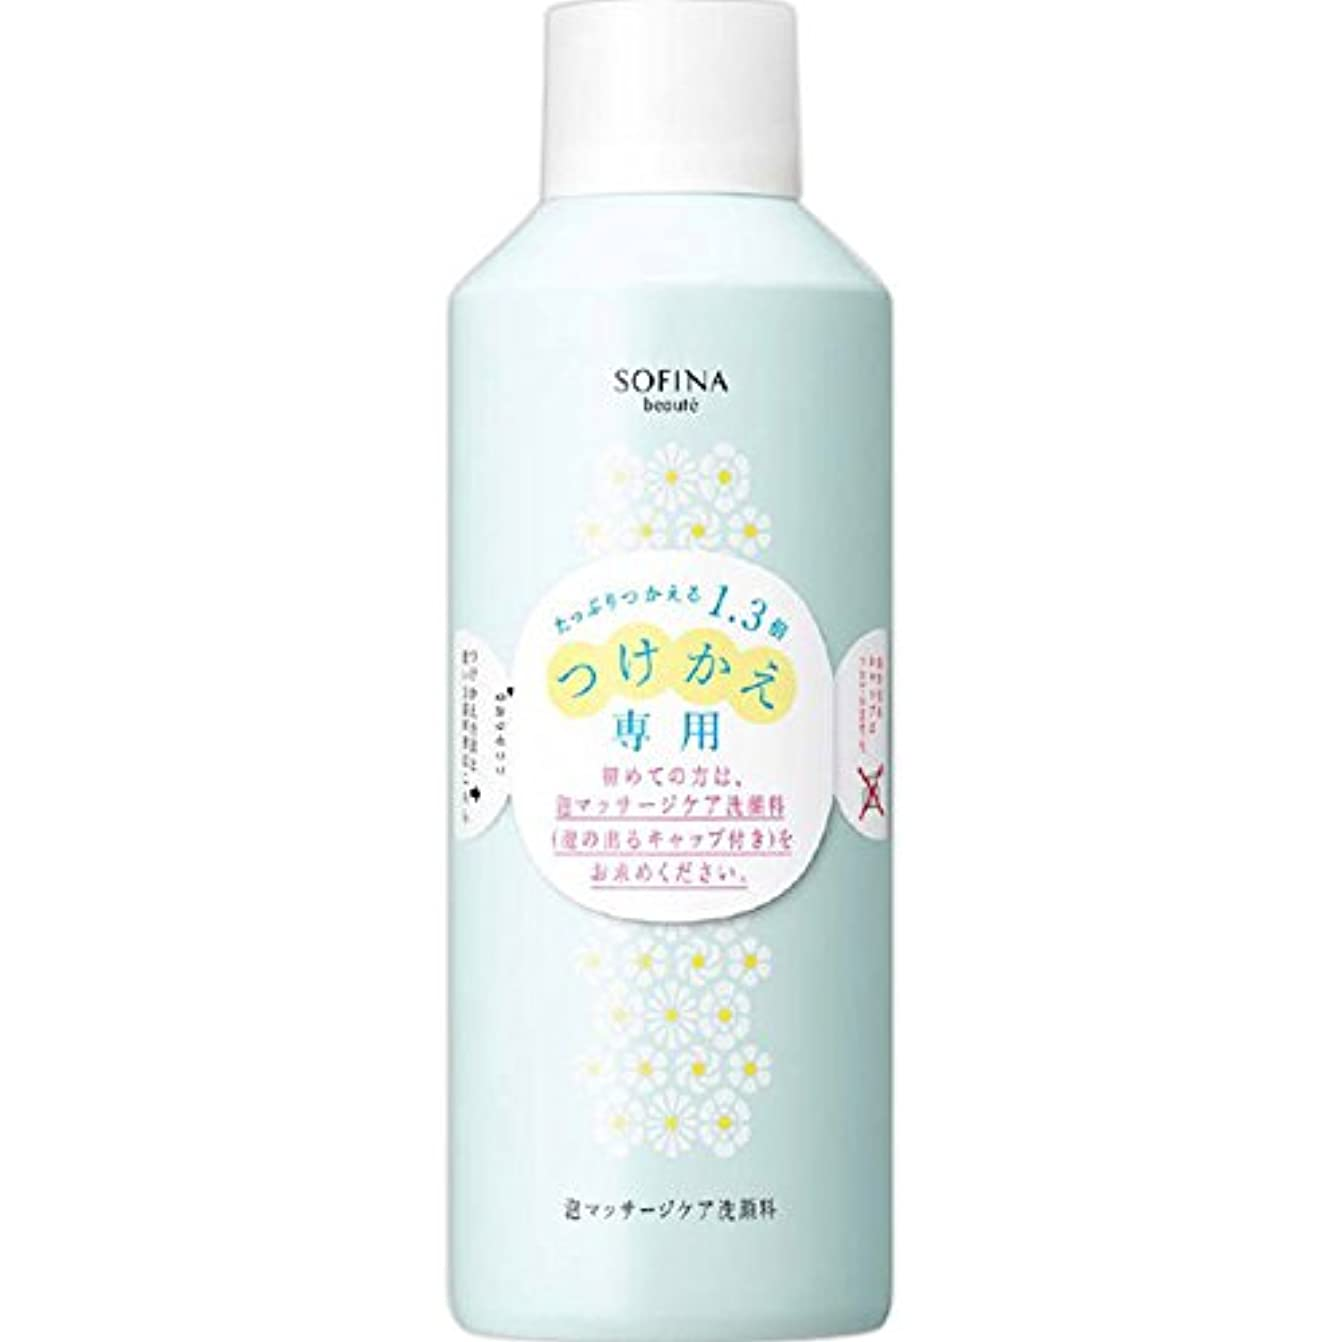 オンスひいきにするフラップ花王ソフィーナ ボーテ 泡マッサージケア洗顔料 つけかえ専用230g